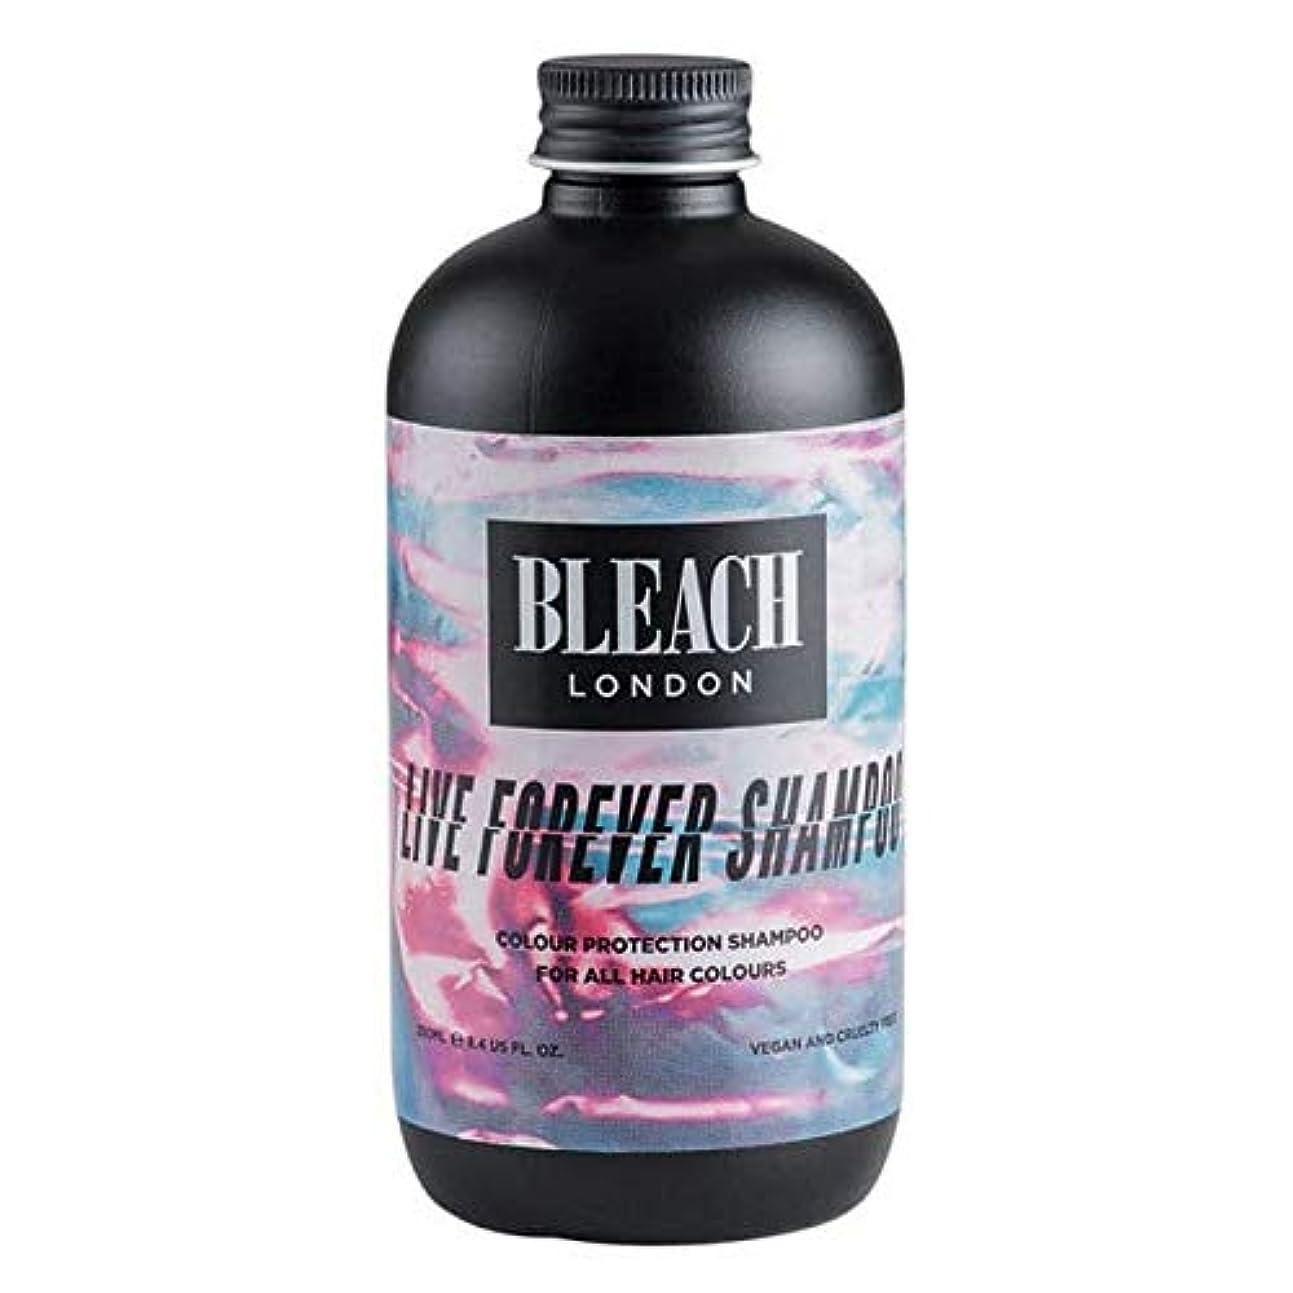 ドナーかける太い[Bleach London ] 漂白ロンドン永遠シャンプー250ミリリットルを生きます - Bleach London Live Forever Shampoo 250ml [並行輸入品]